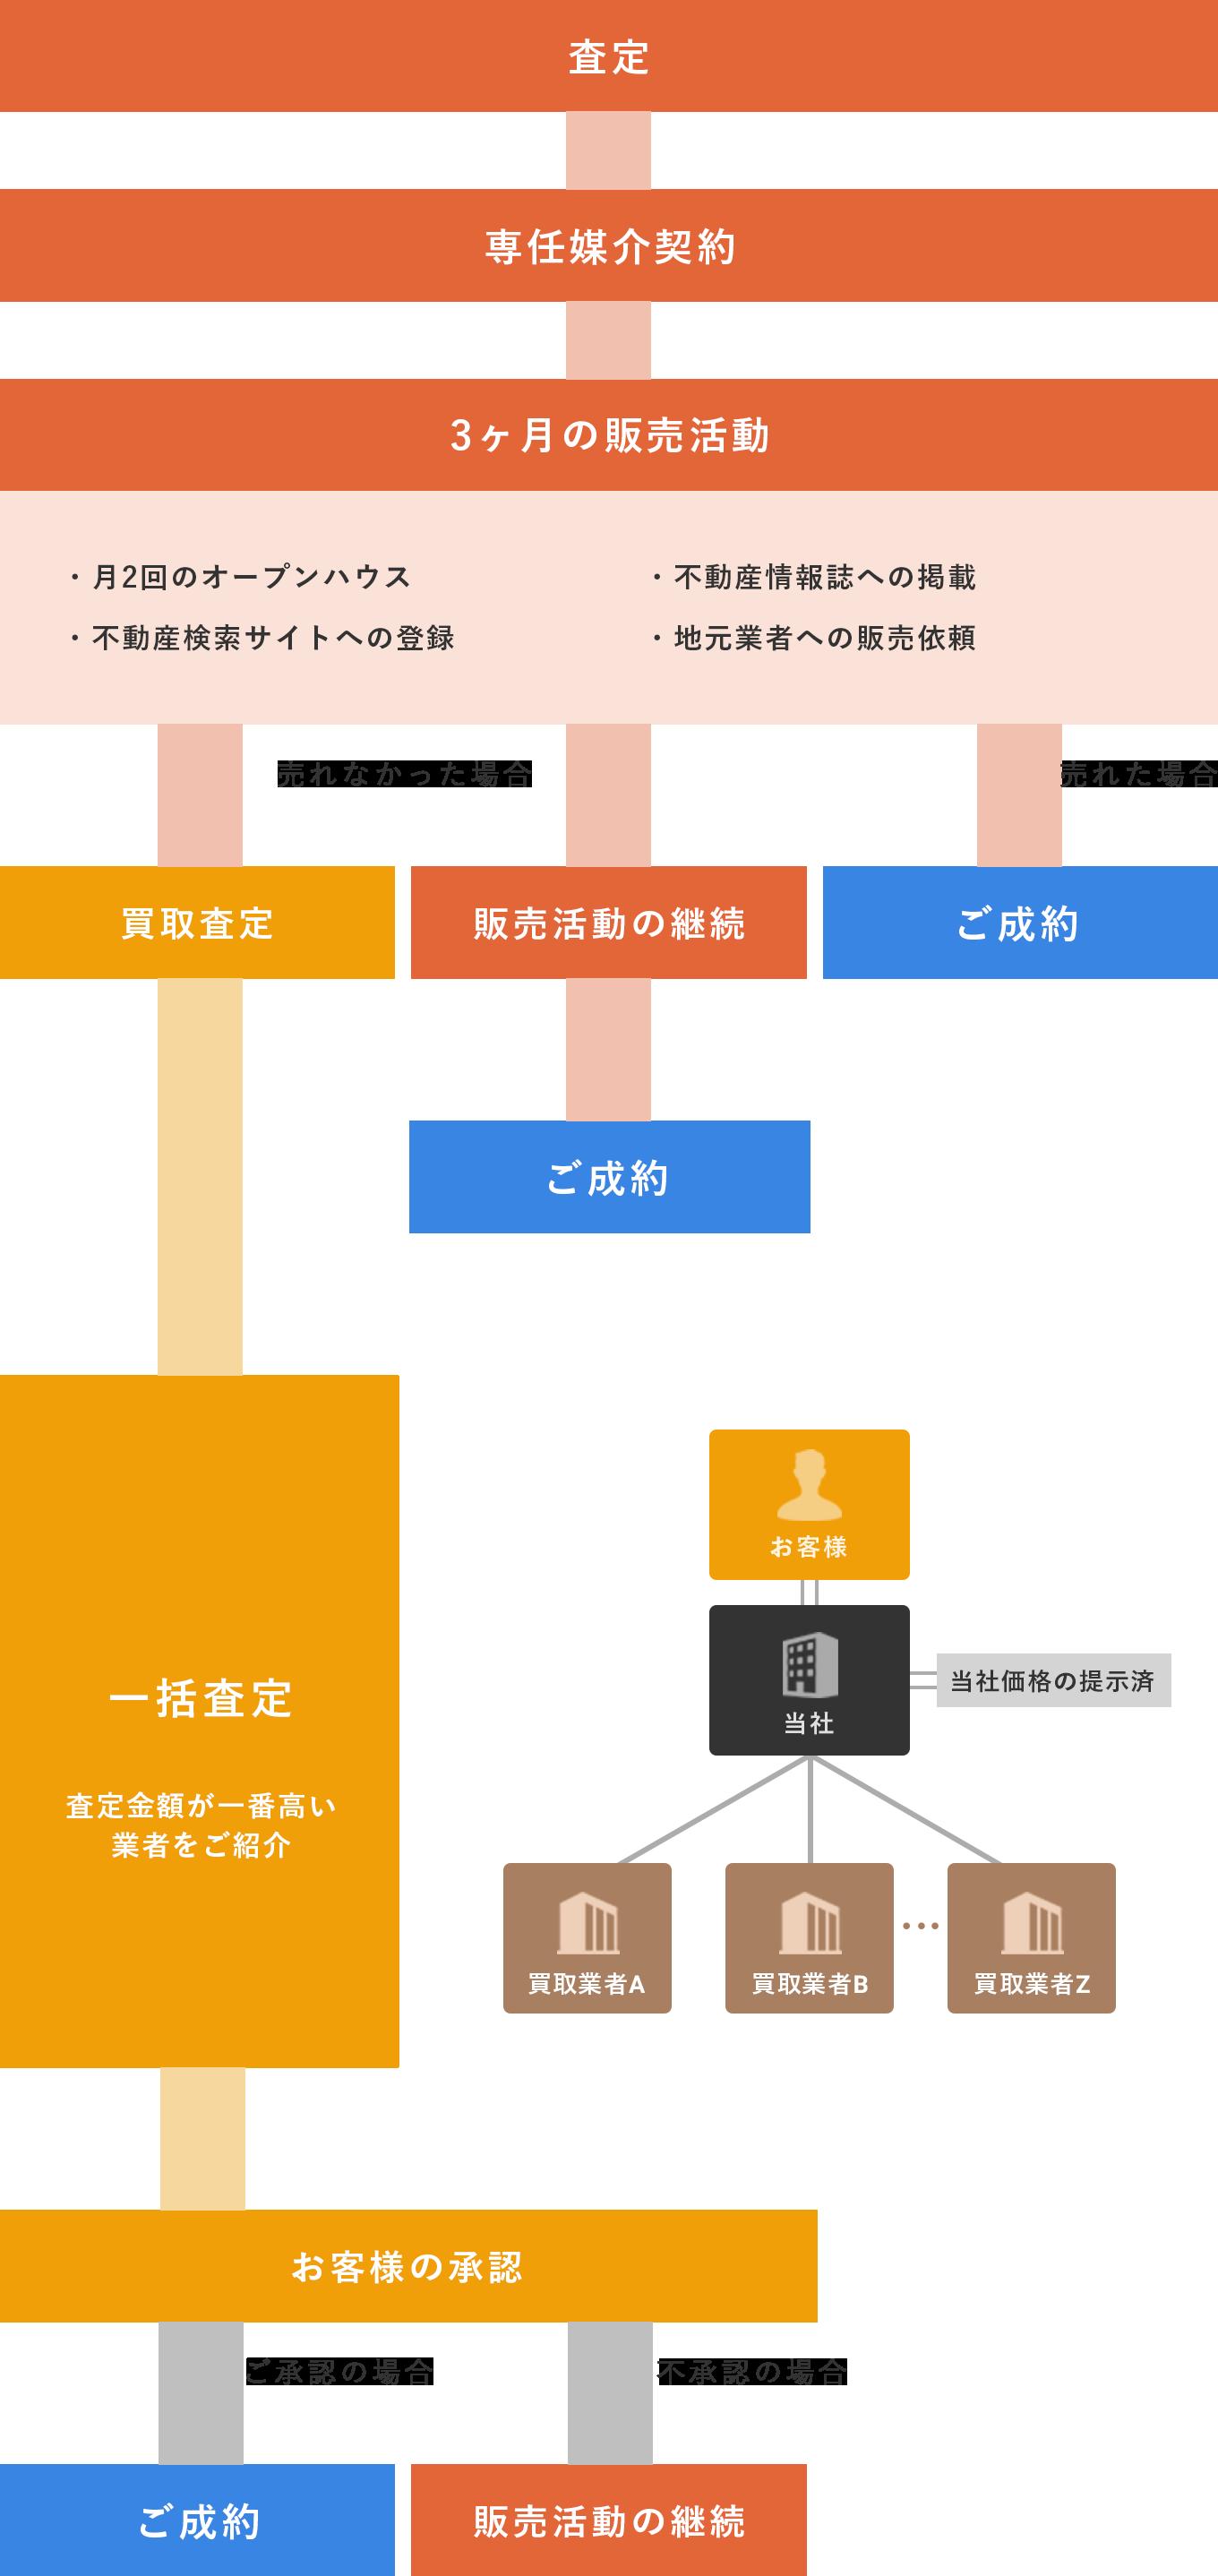 (図)買取保証型仲介システムの流れ